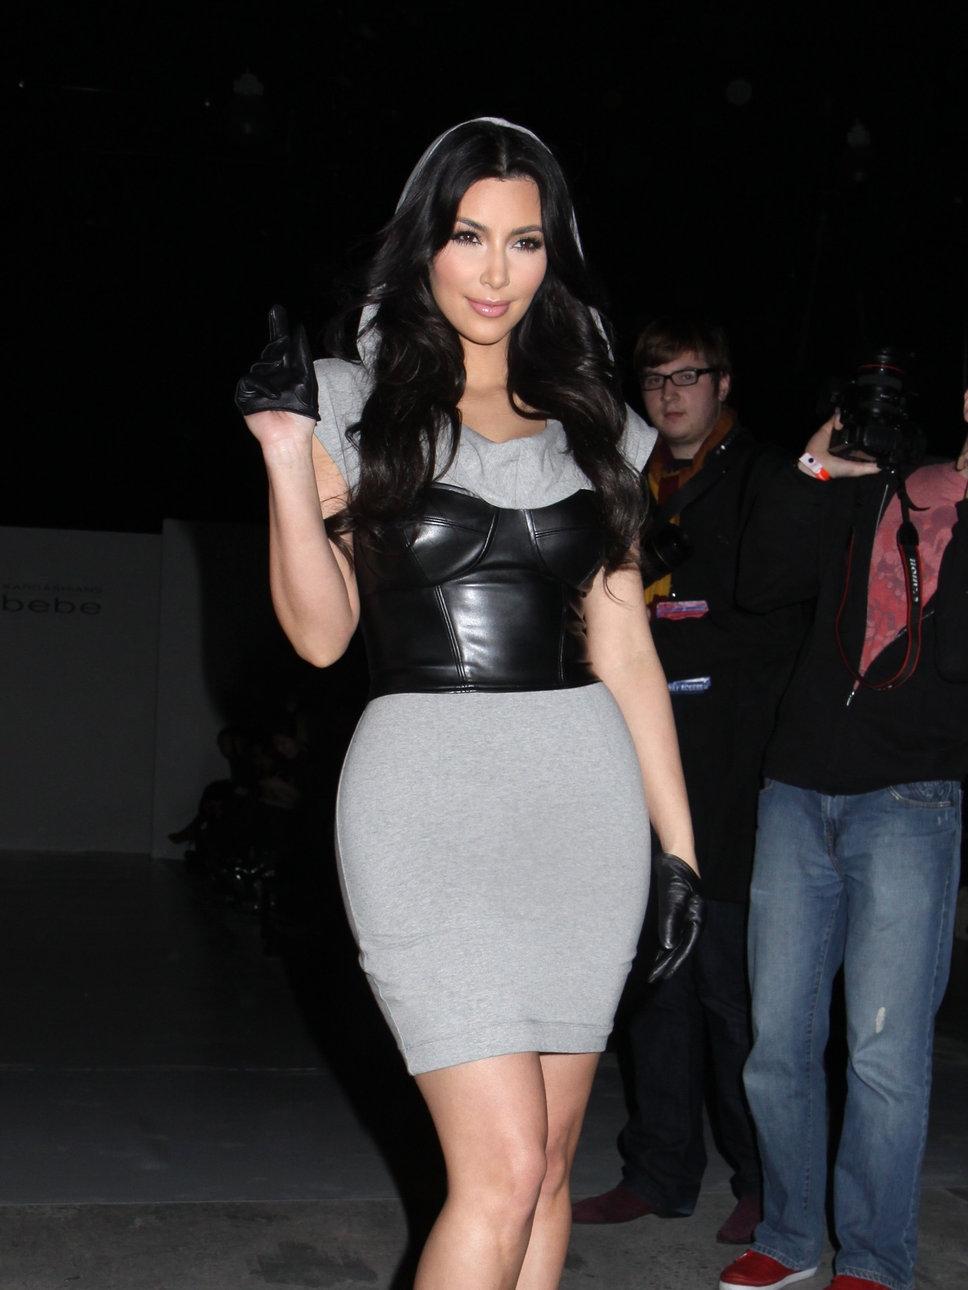 Женская одежда, которая нравится мужчинам: Корсет